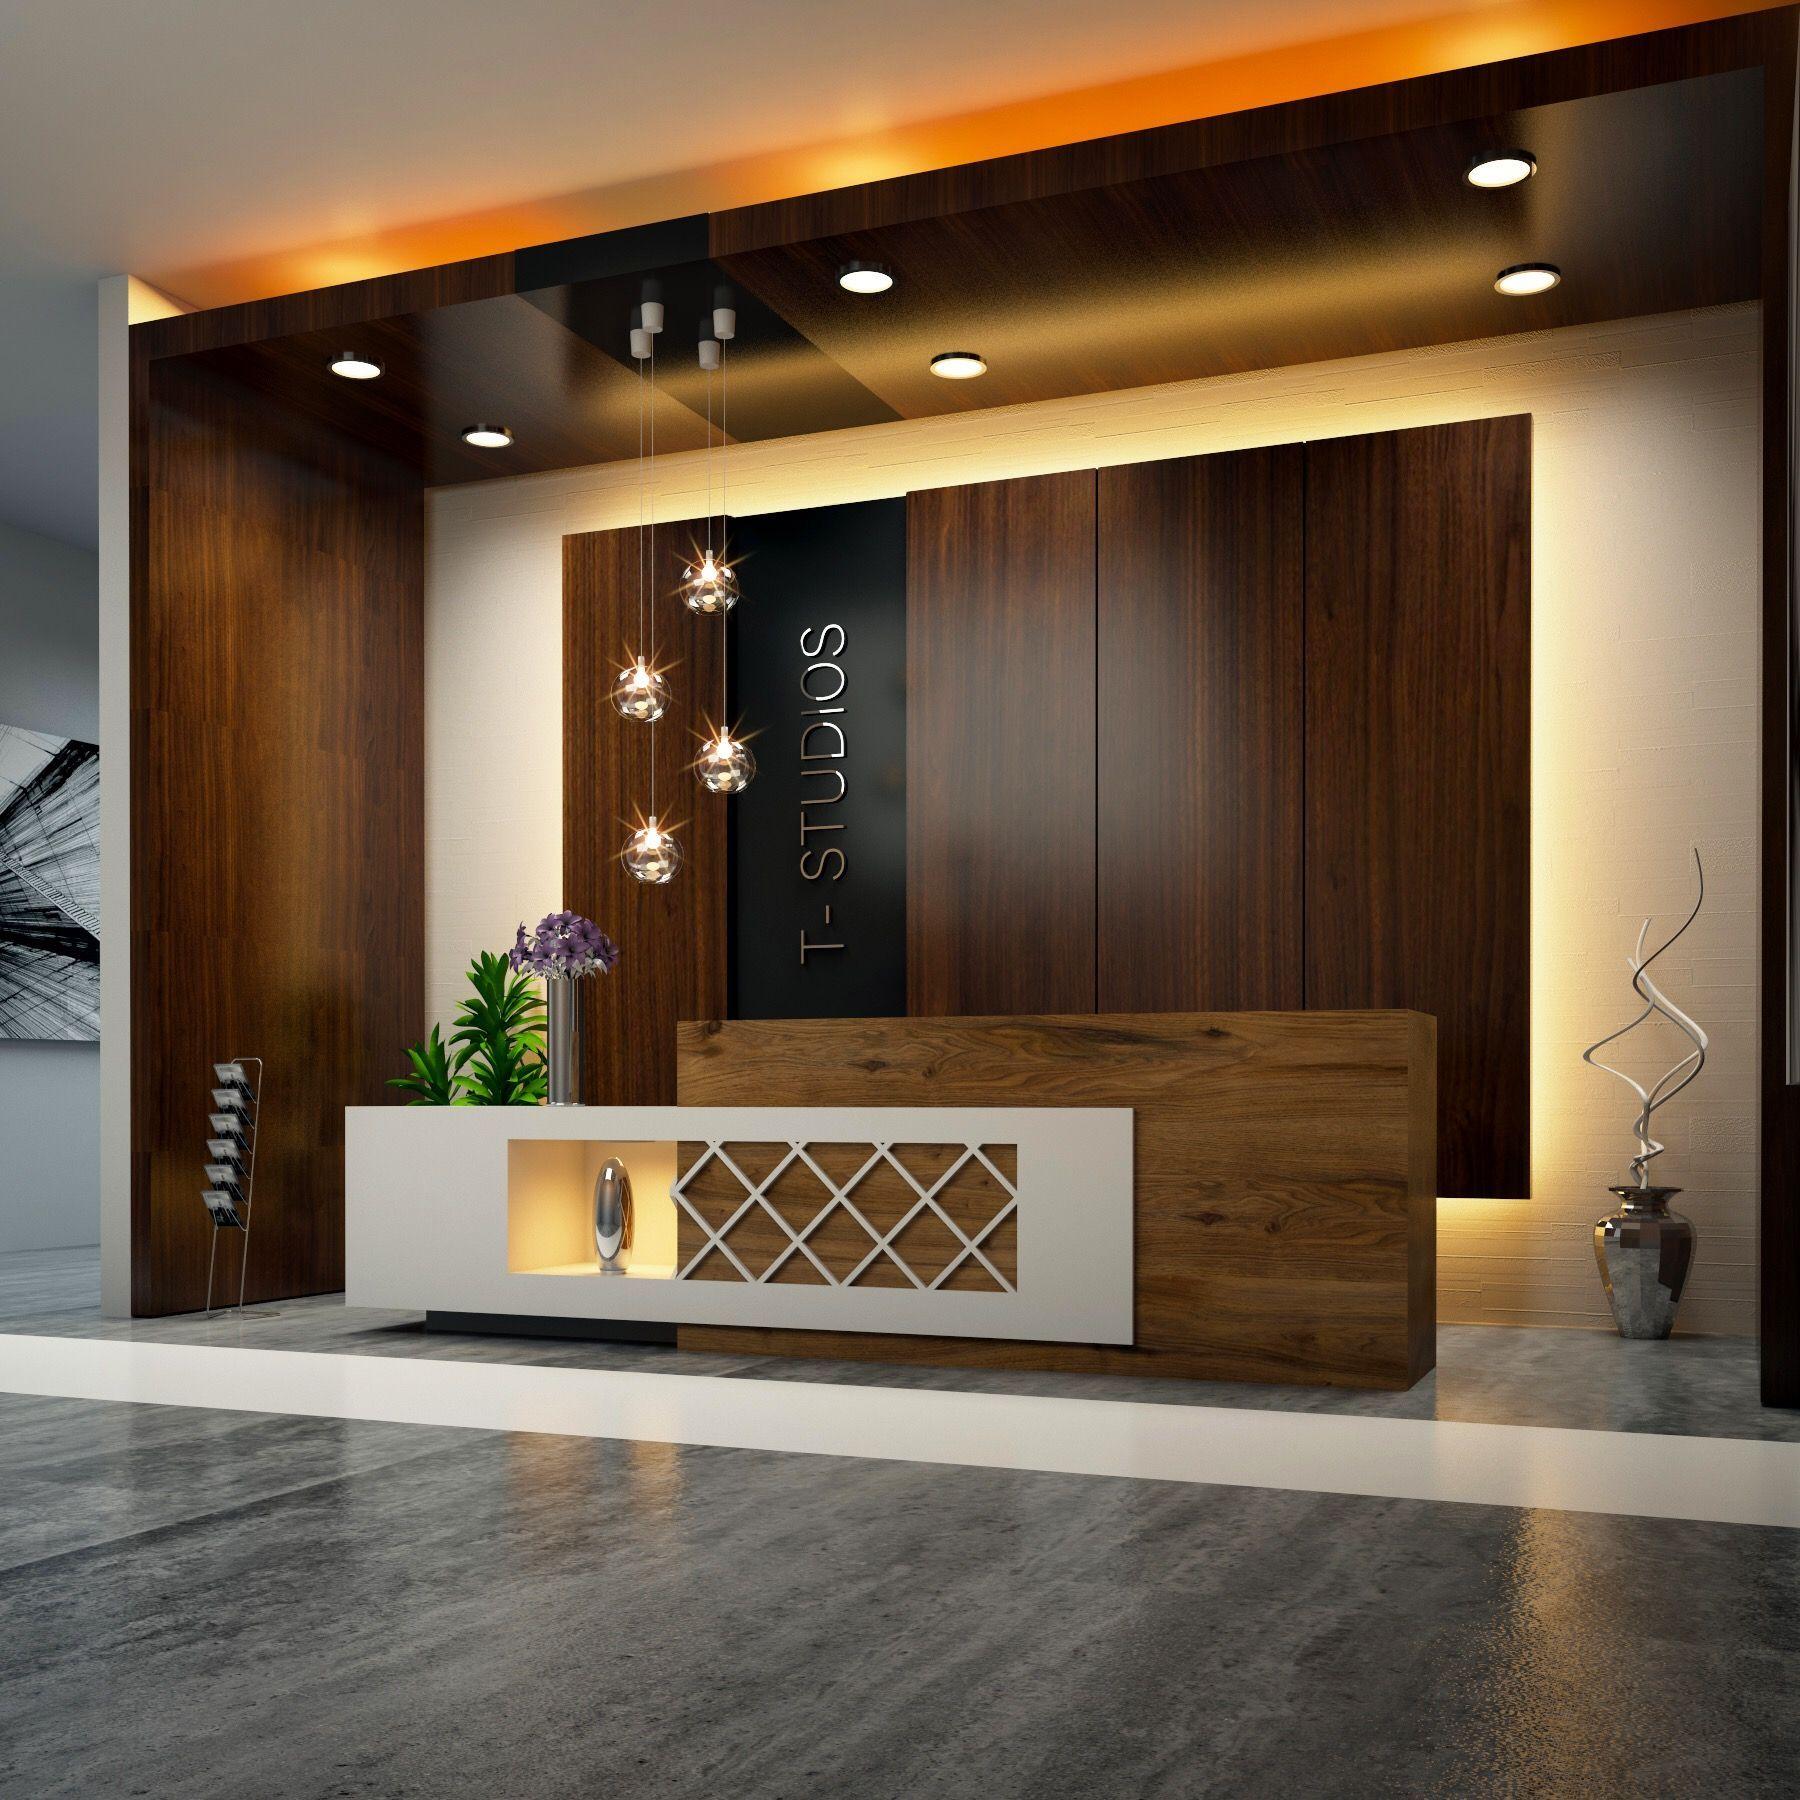 studios interior reception by egmdesigns also architecture in rh pinterest